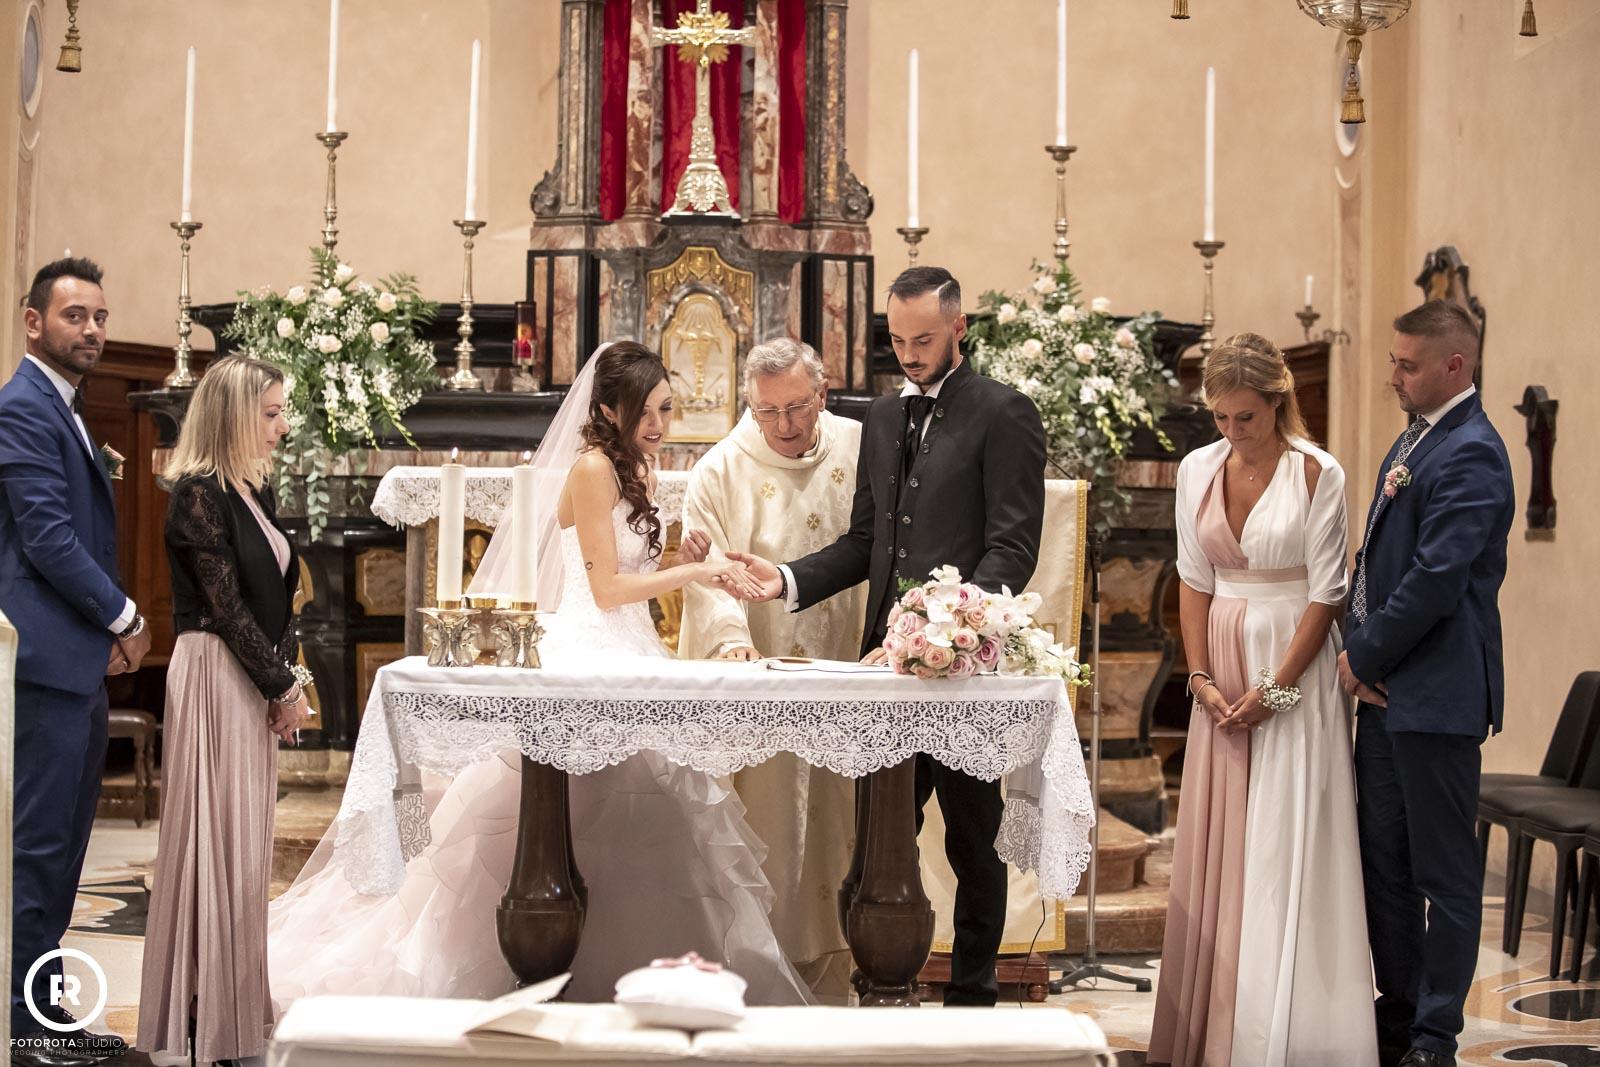 Sposa e sposo all'altare. Scambio delle promesse